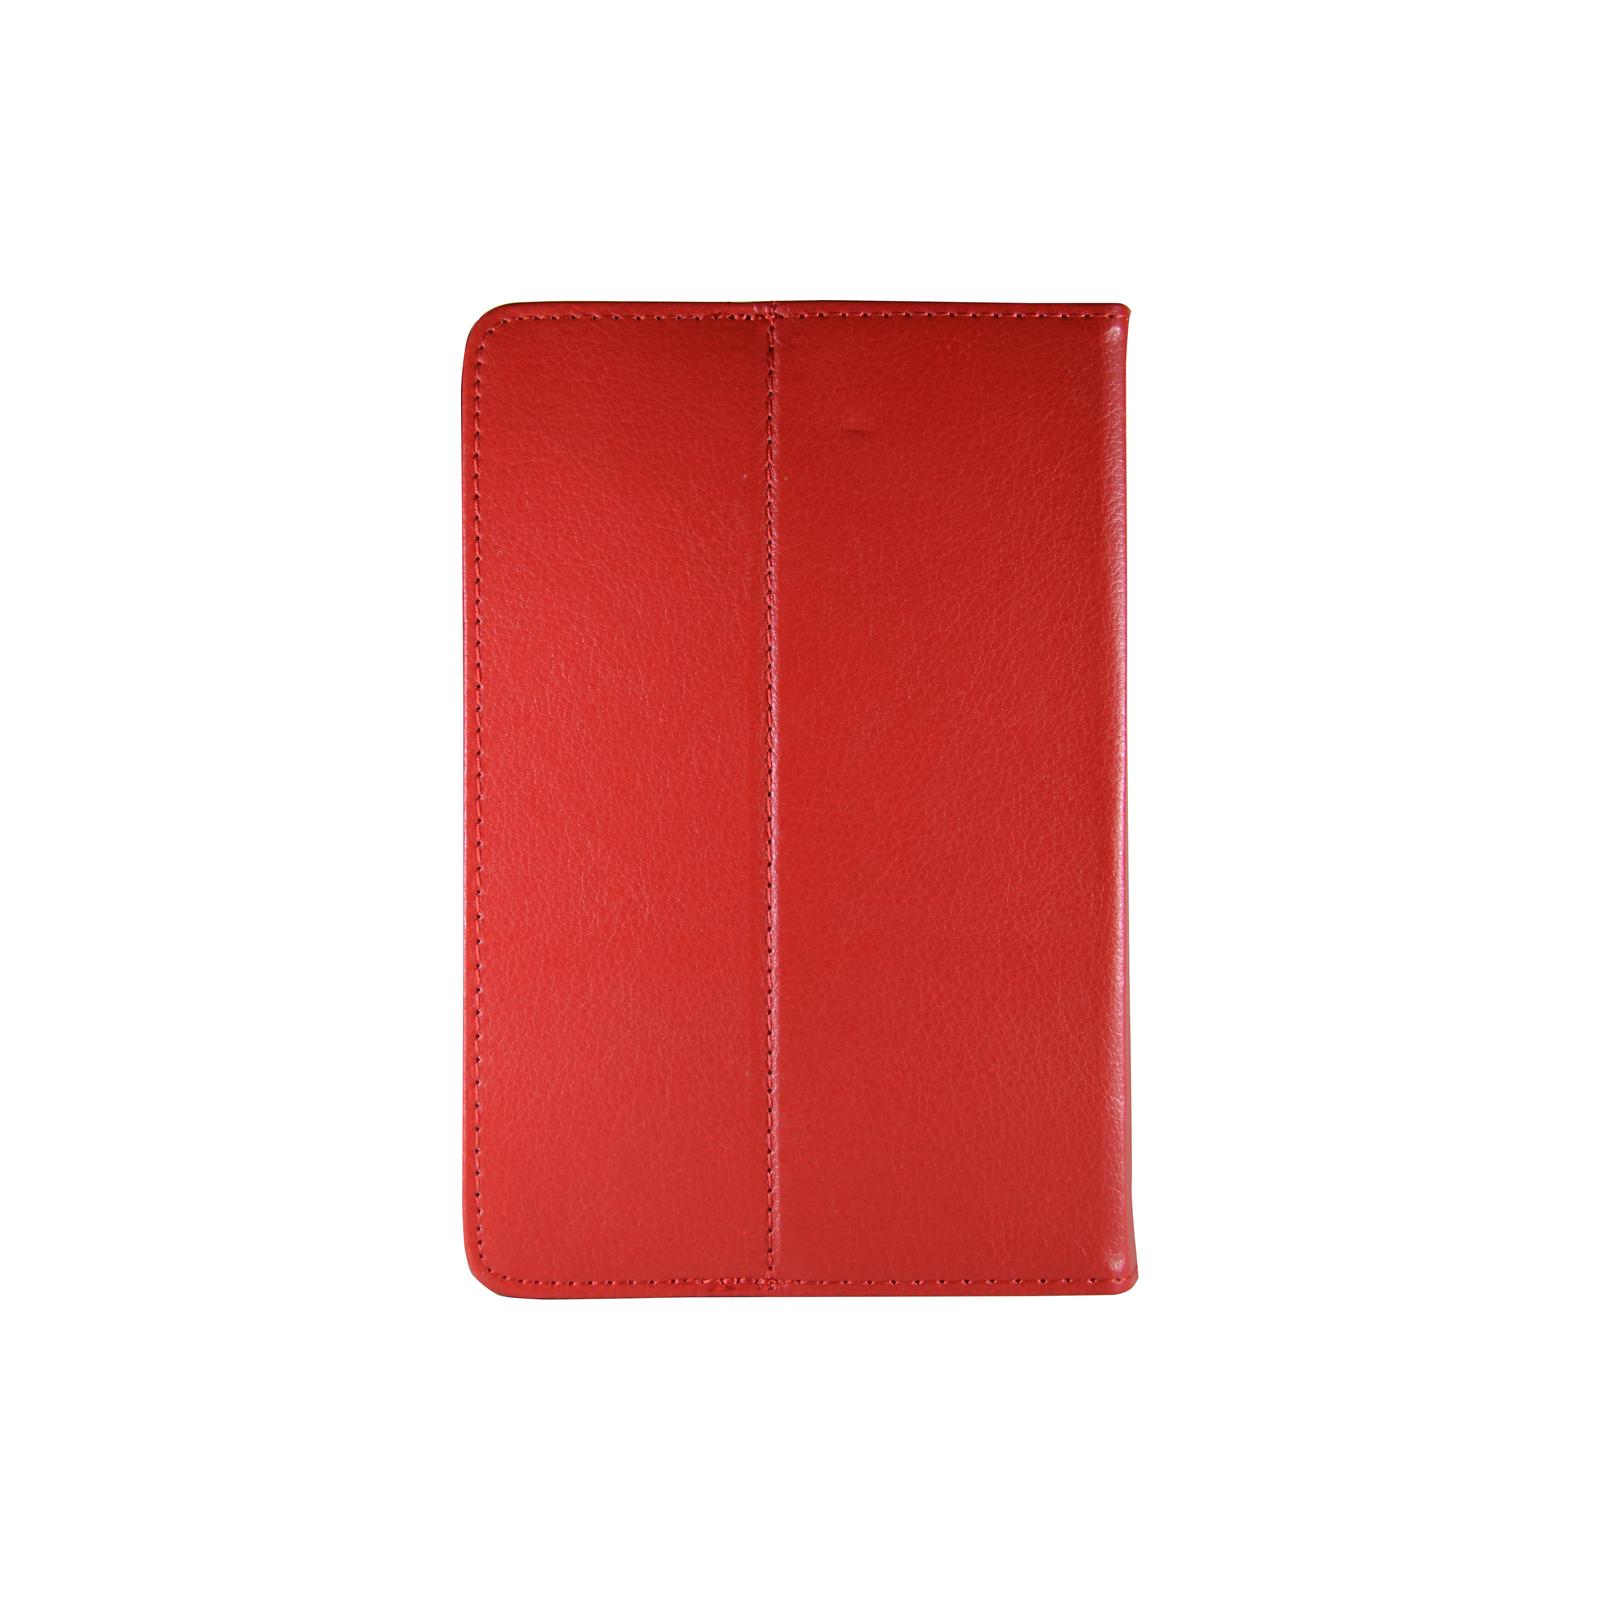 """Чехол для планшета Pro-case 7"""" универсальный case fits up red (UNS-011 r) изображение 2"""